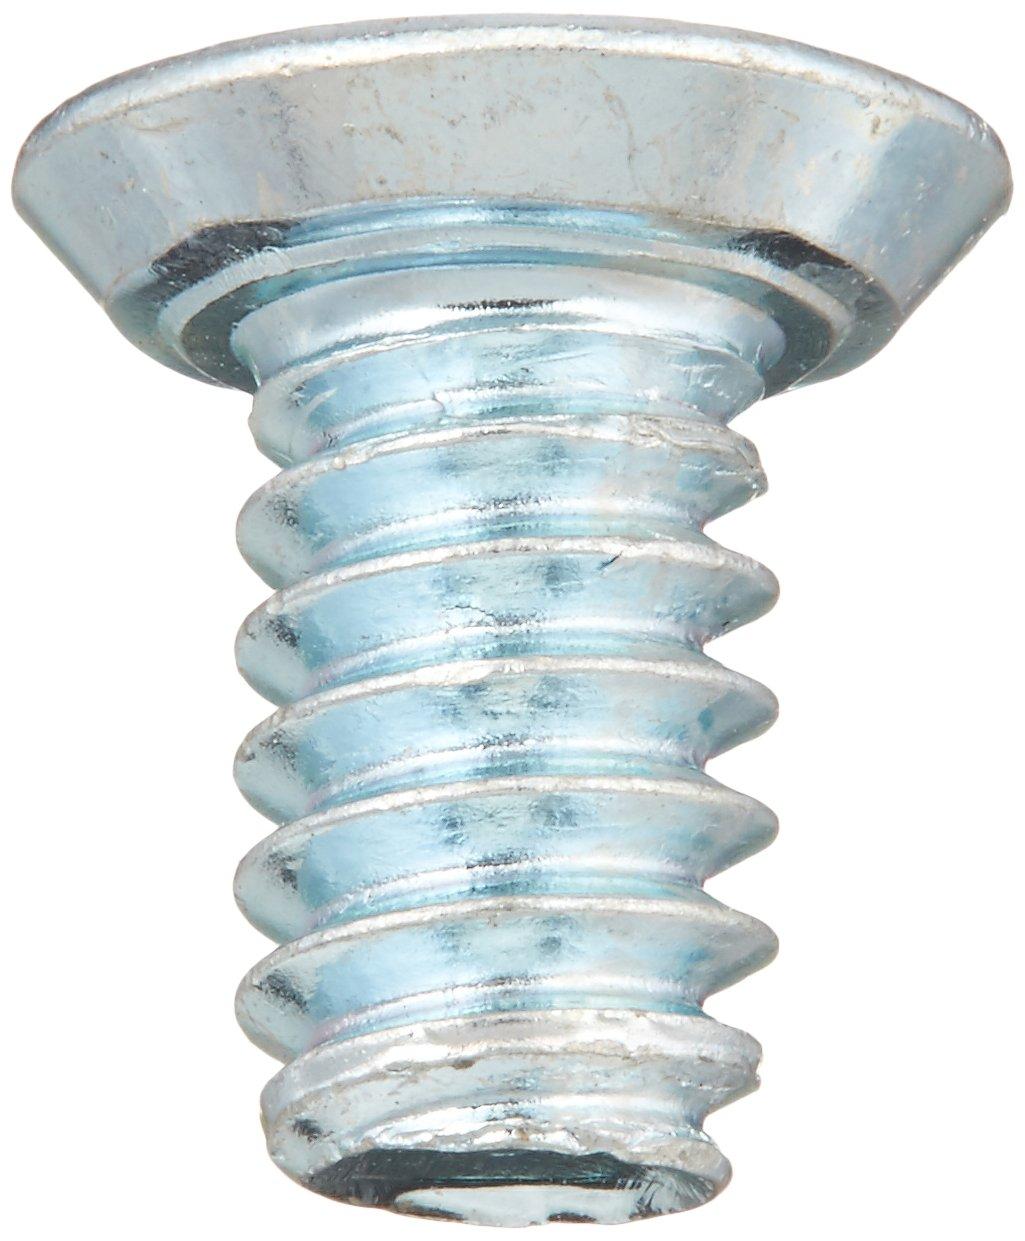 LCN 3130SE83H 3030SE-83H 689 Aluminum Arm Screw Top Notch Distributors